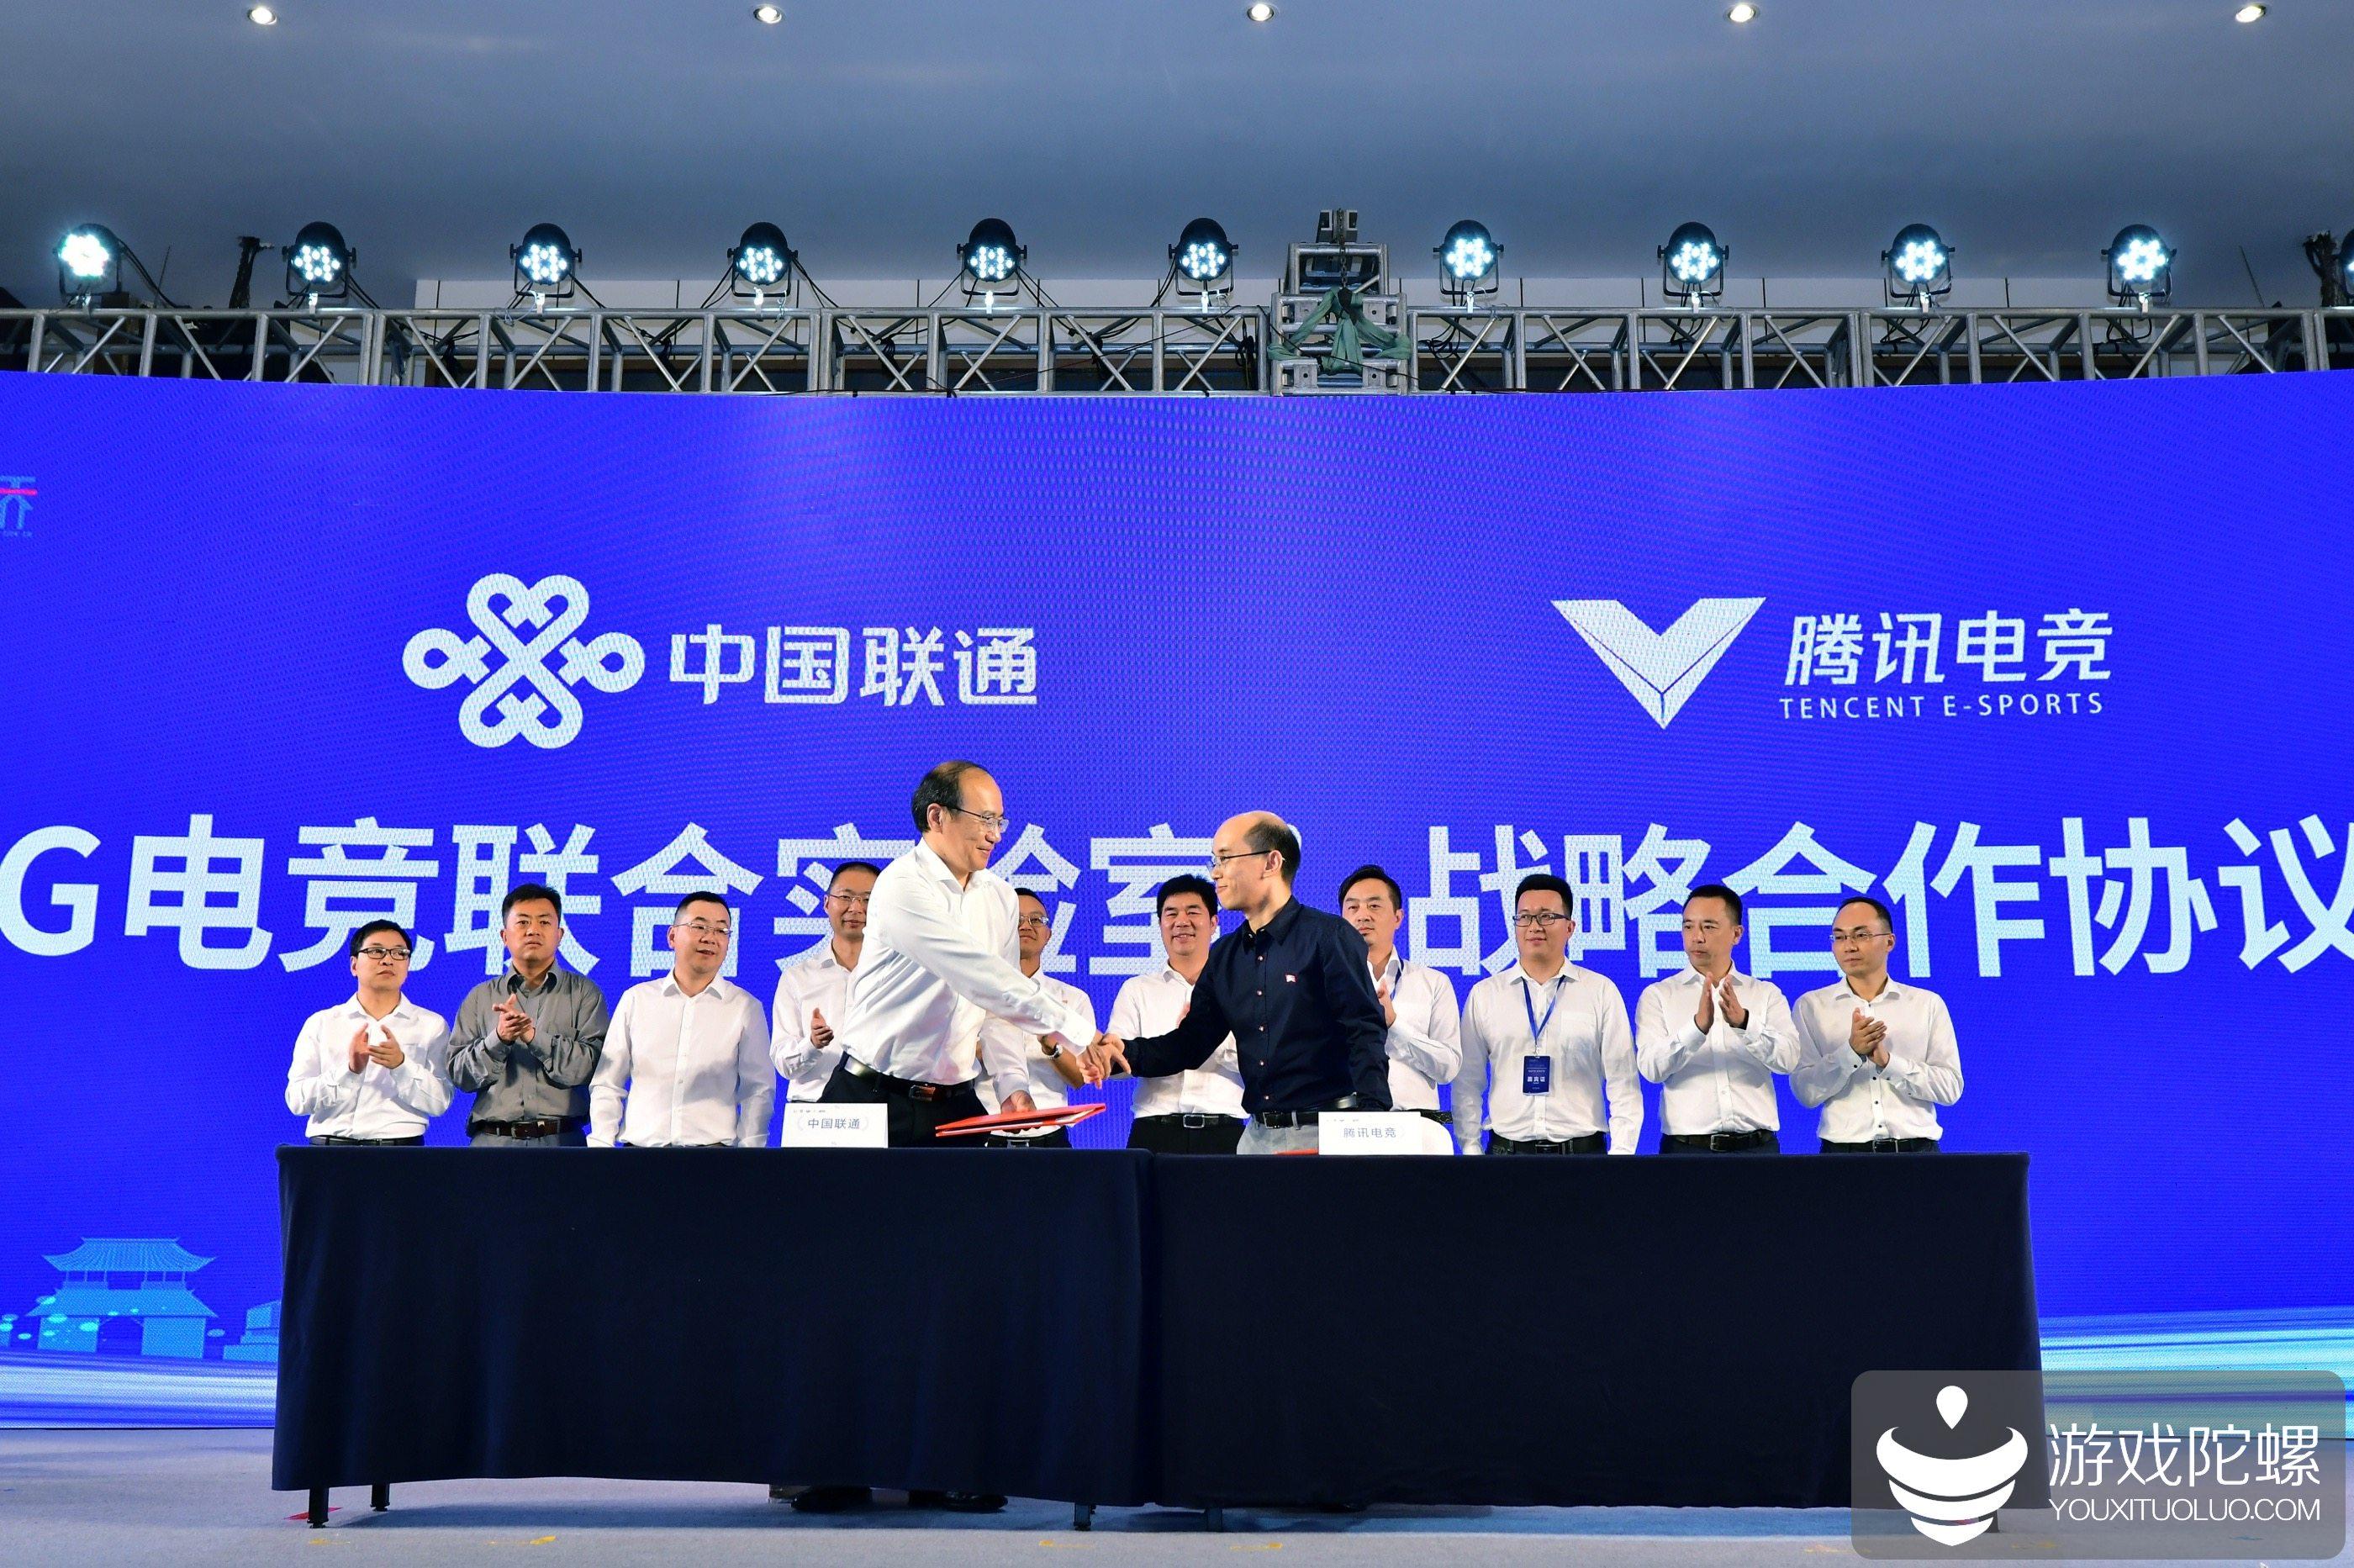 """中国联通与腾讯电竞签战略合作协议 将共建""""5G电竞联合实验室"""""""